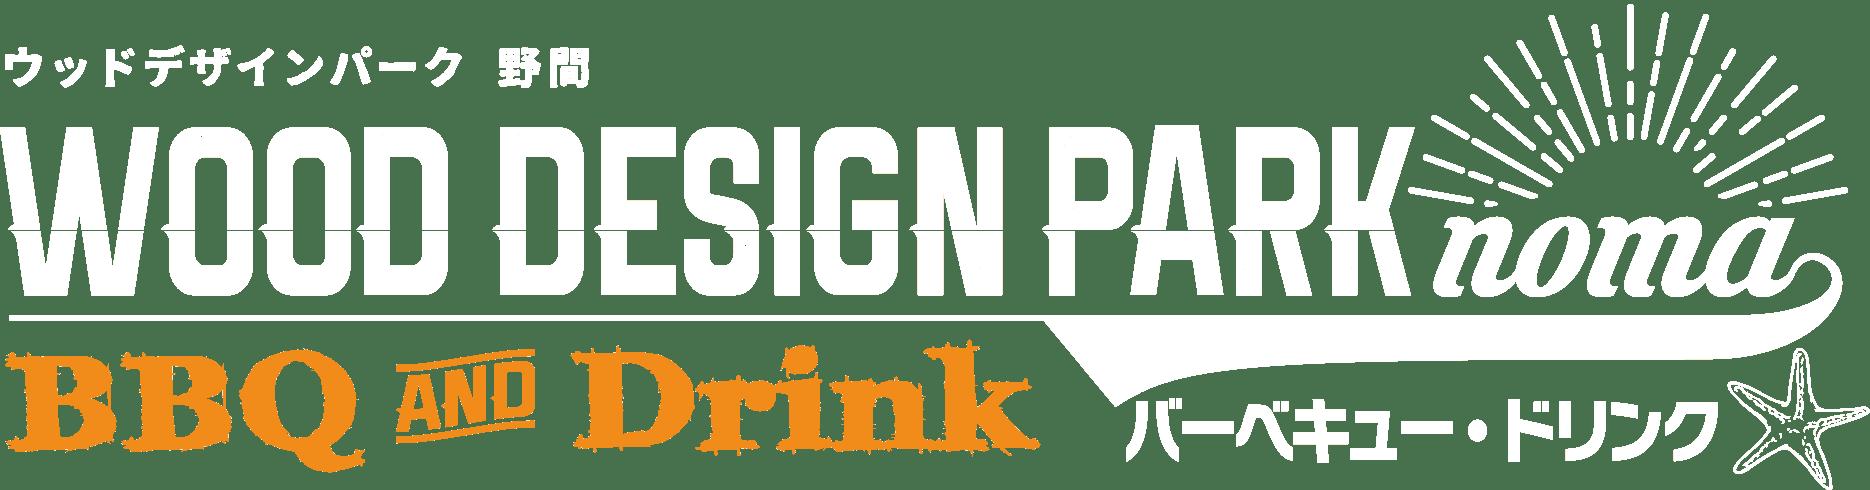 ウッドデザインパーク野間 運営:ウッドデザインパーク